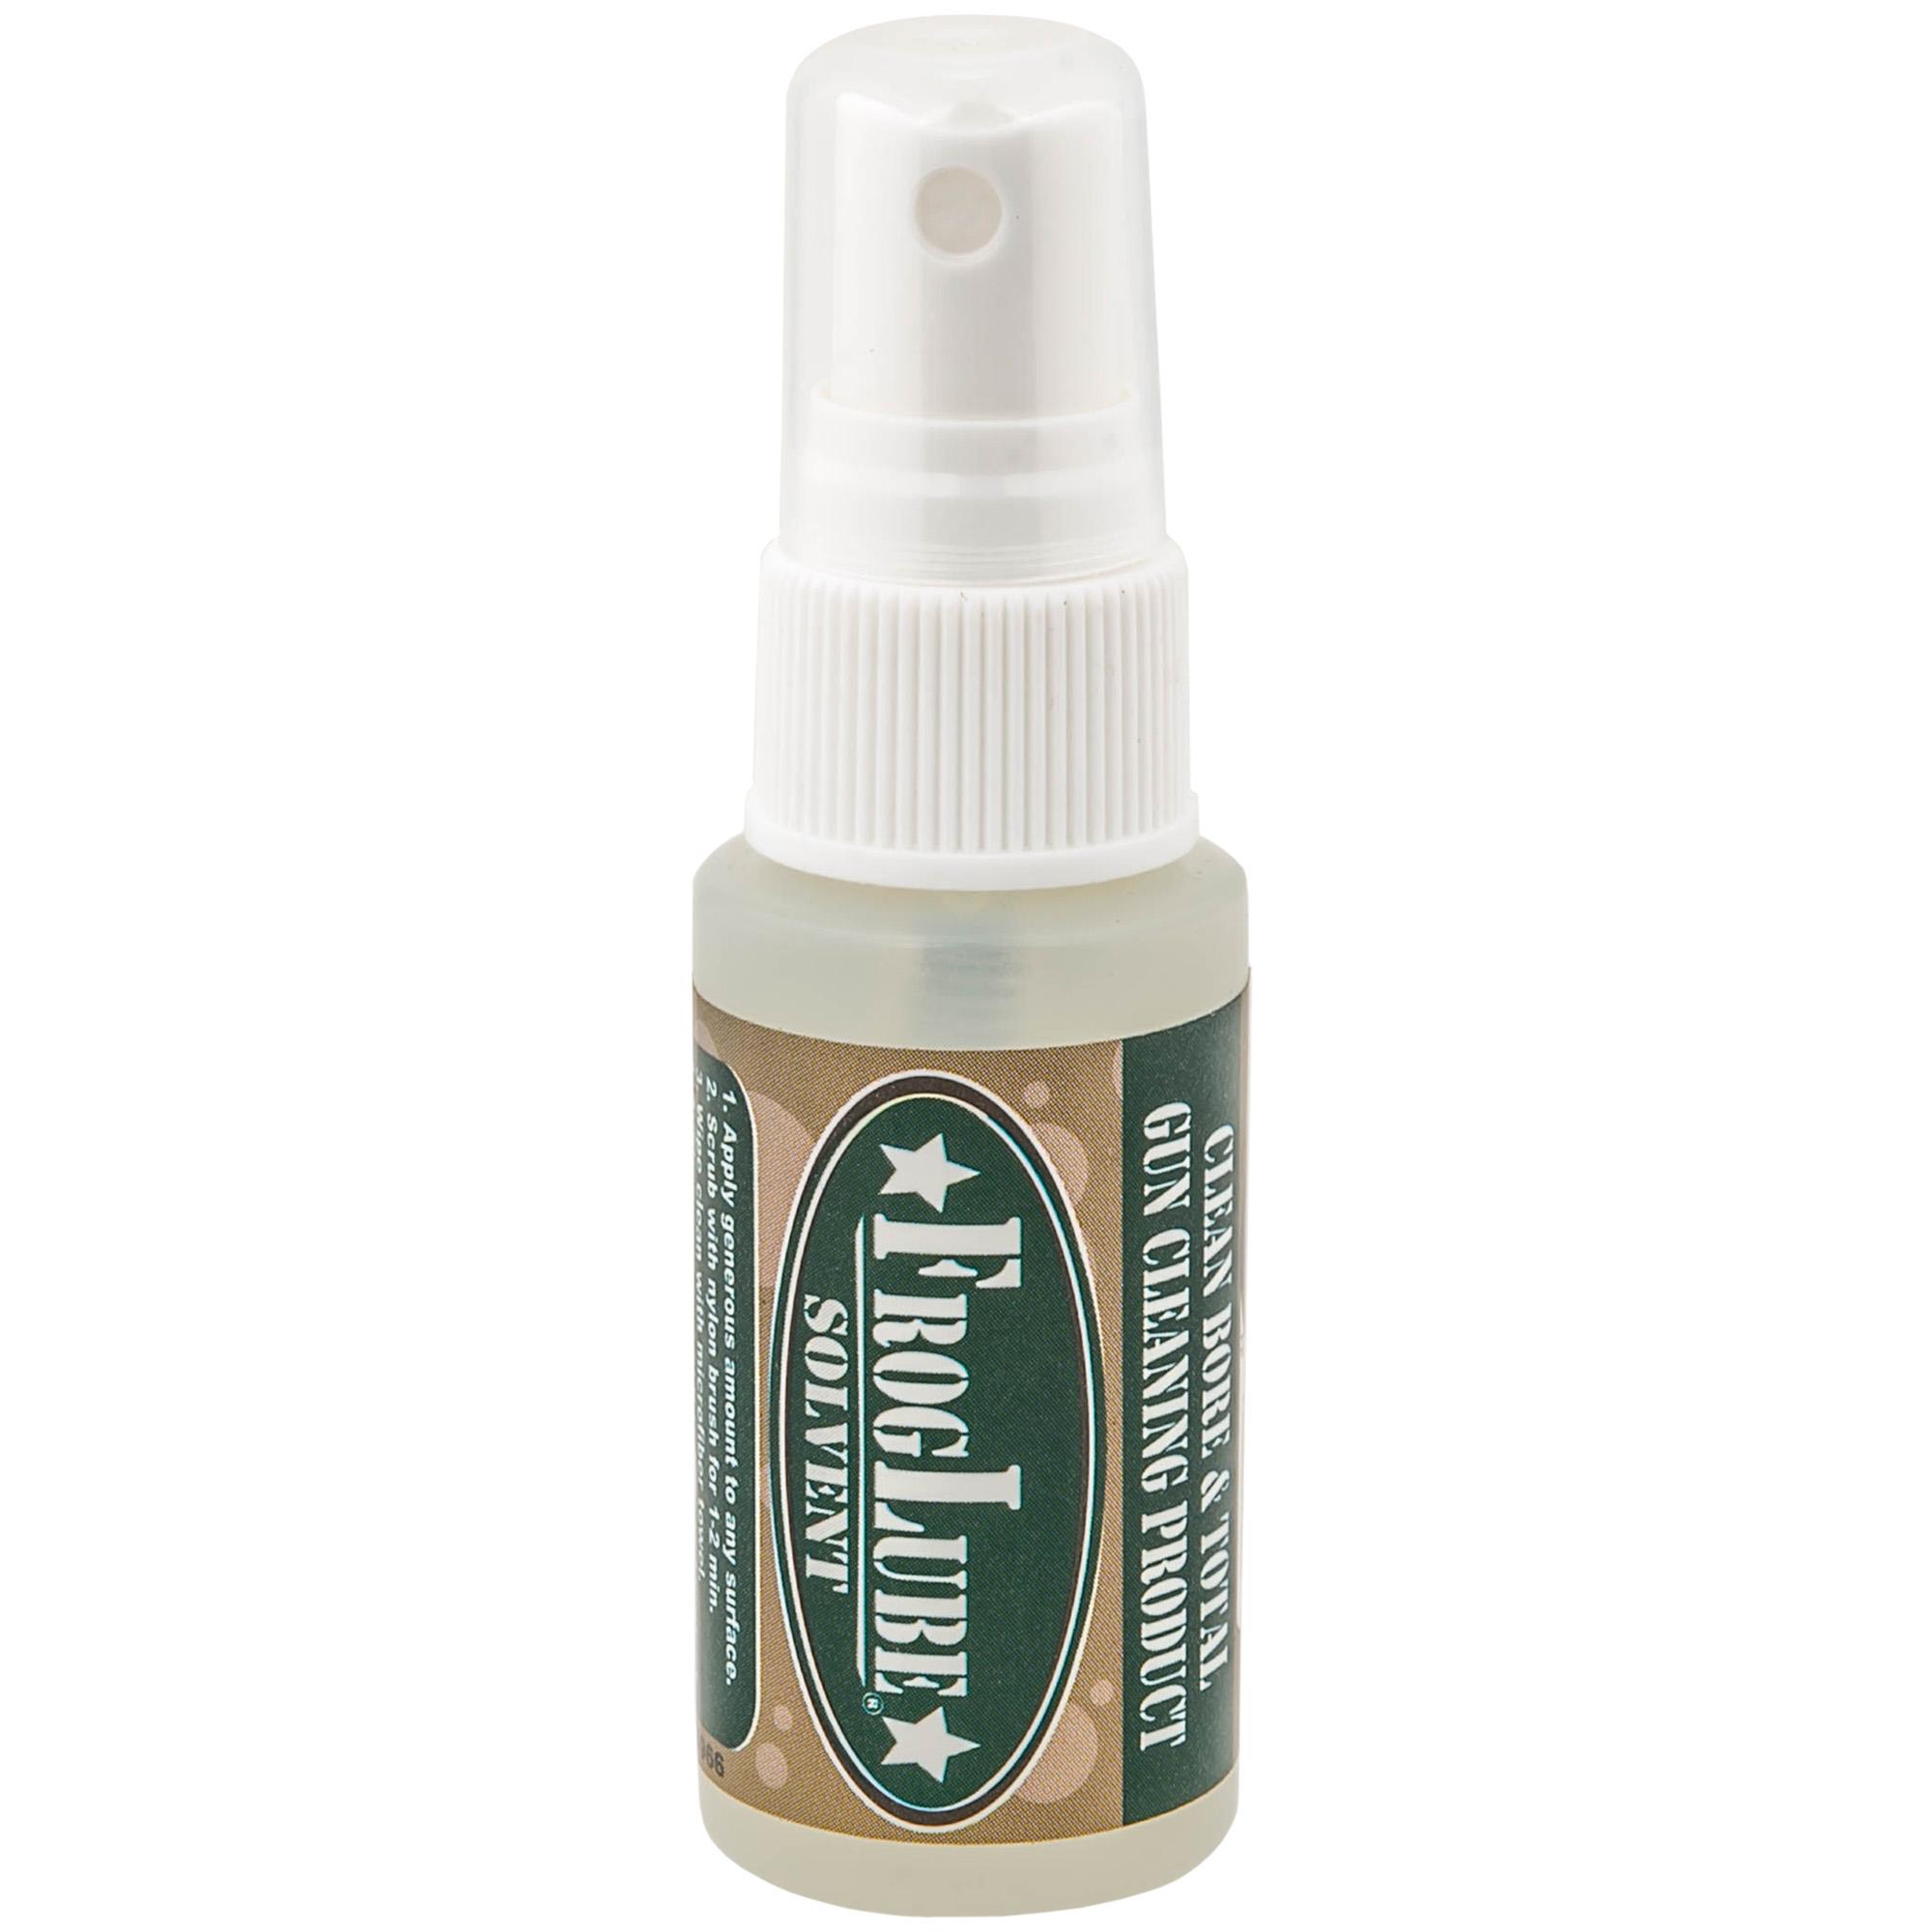 Froglube Solvent Spray 1 Oz 12pk